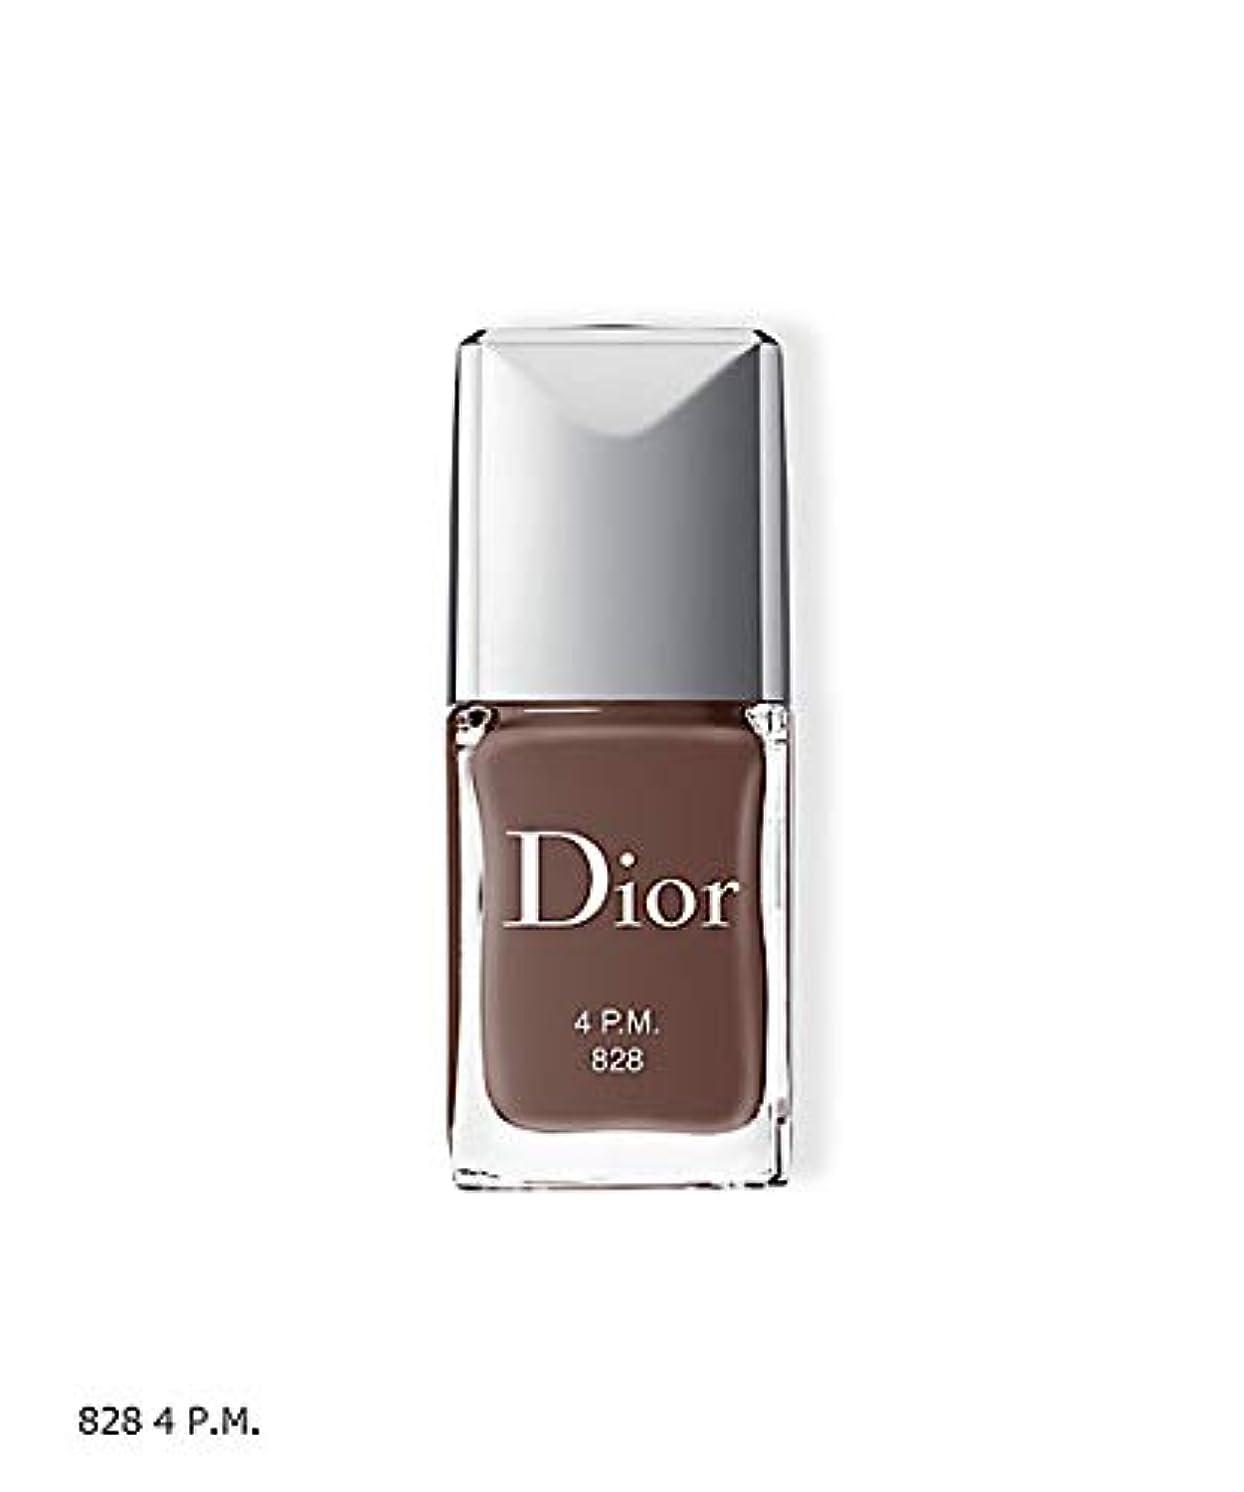 発音役立つ教Dior(ディオール)ディオール ヴェルニ(限定品) (828 4 P.M.)